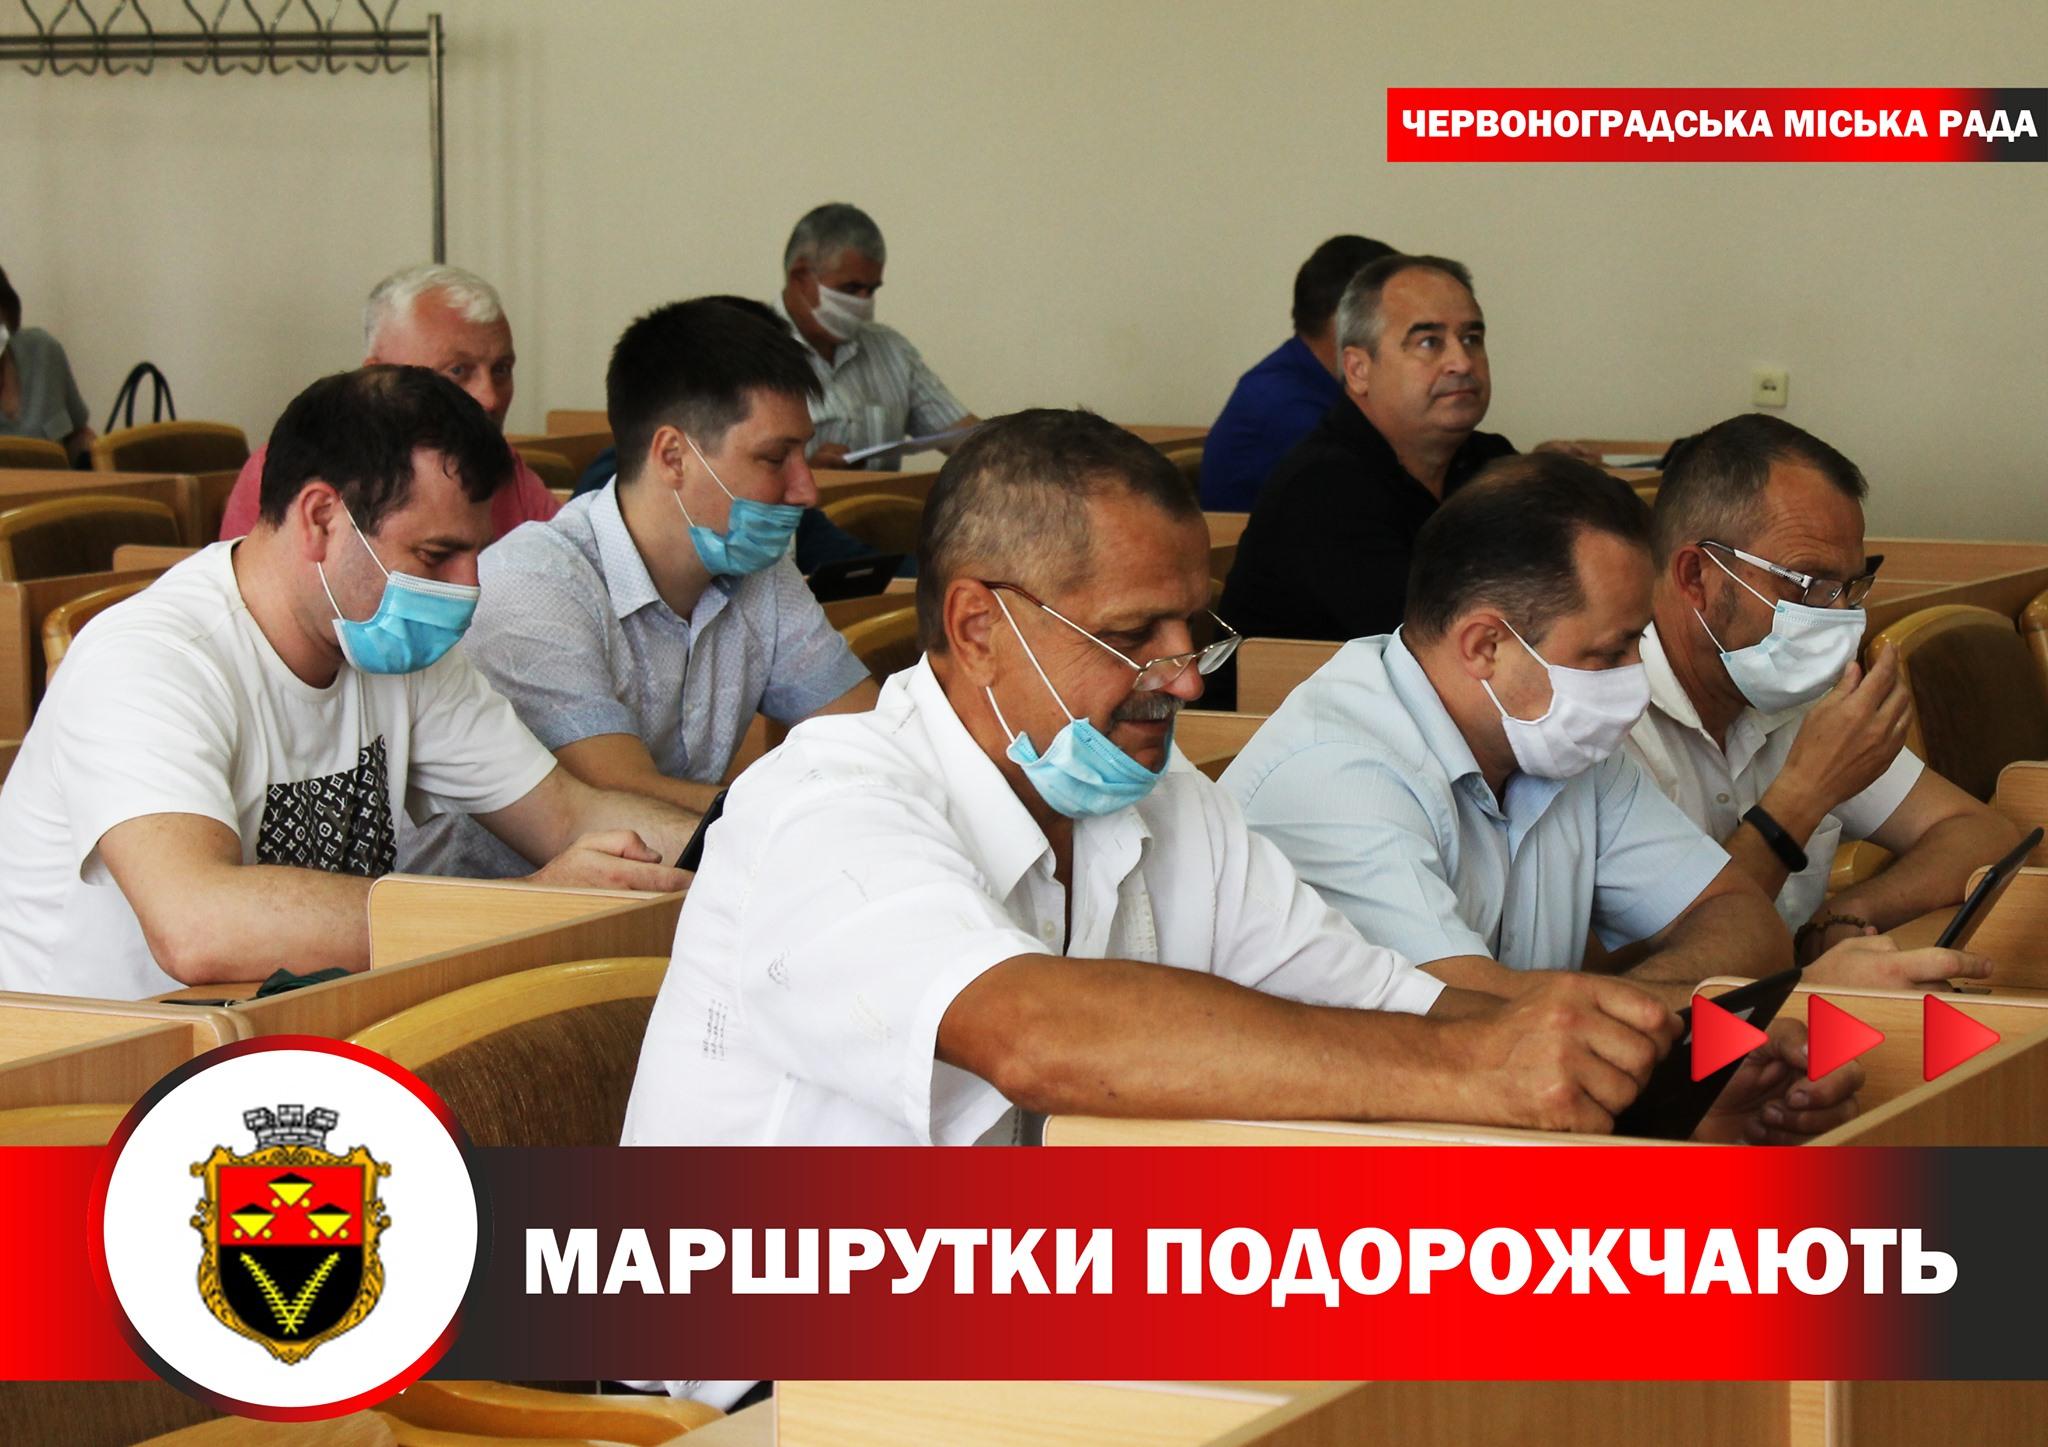 Вартість проїзду по м.Червоноград зросла до 6 грн